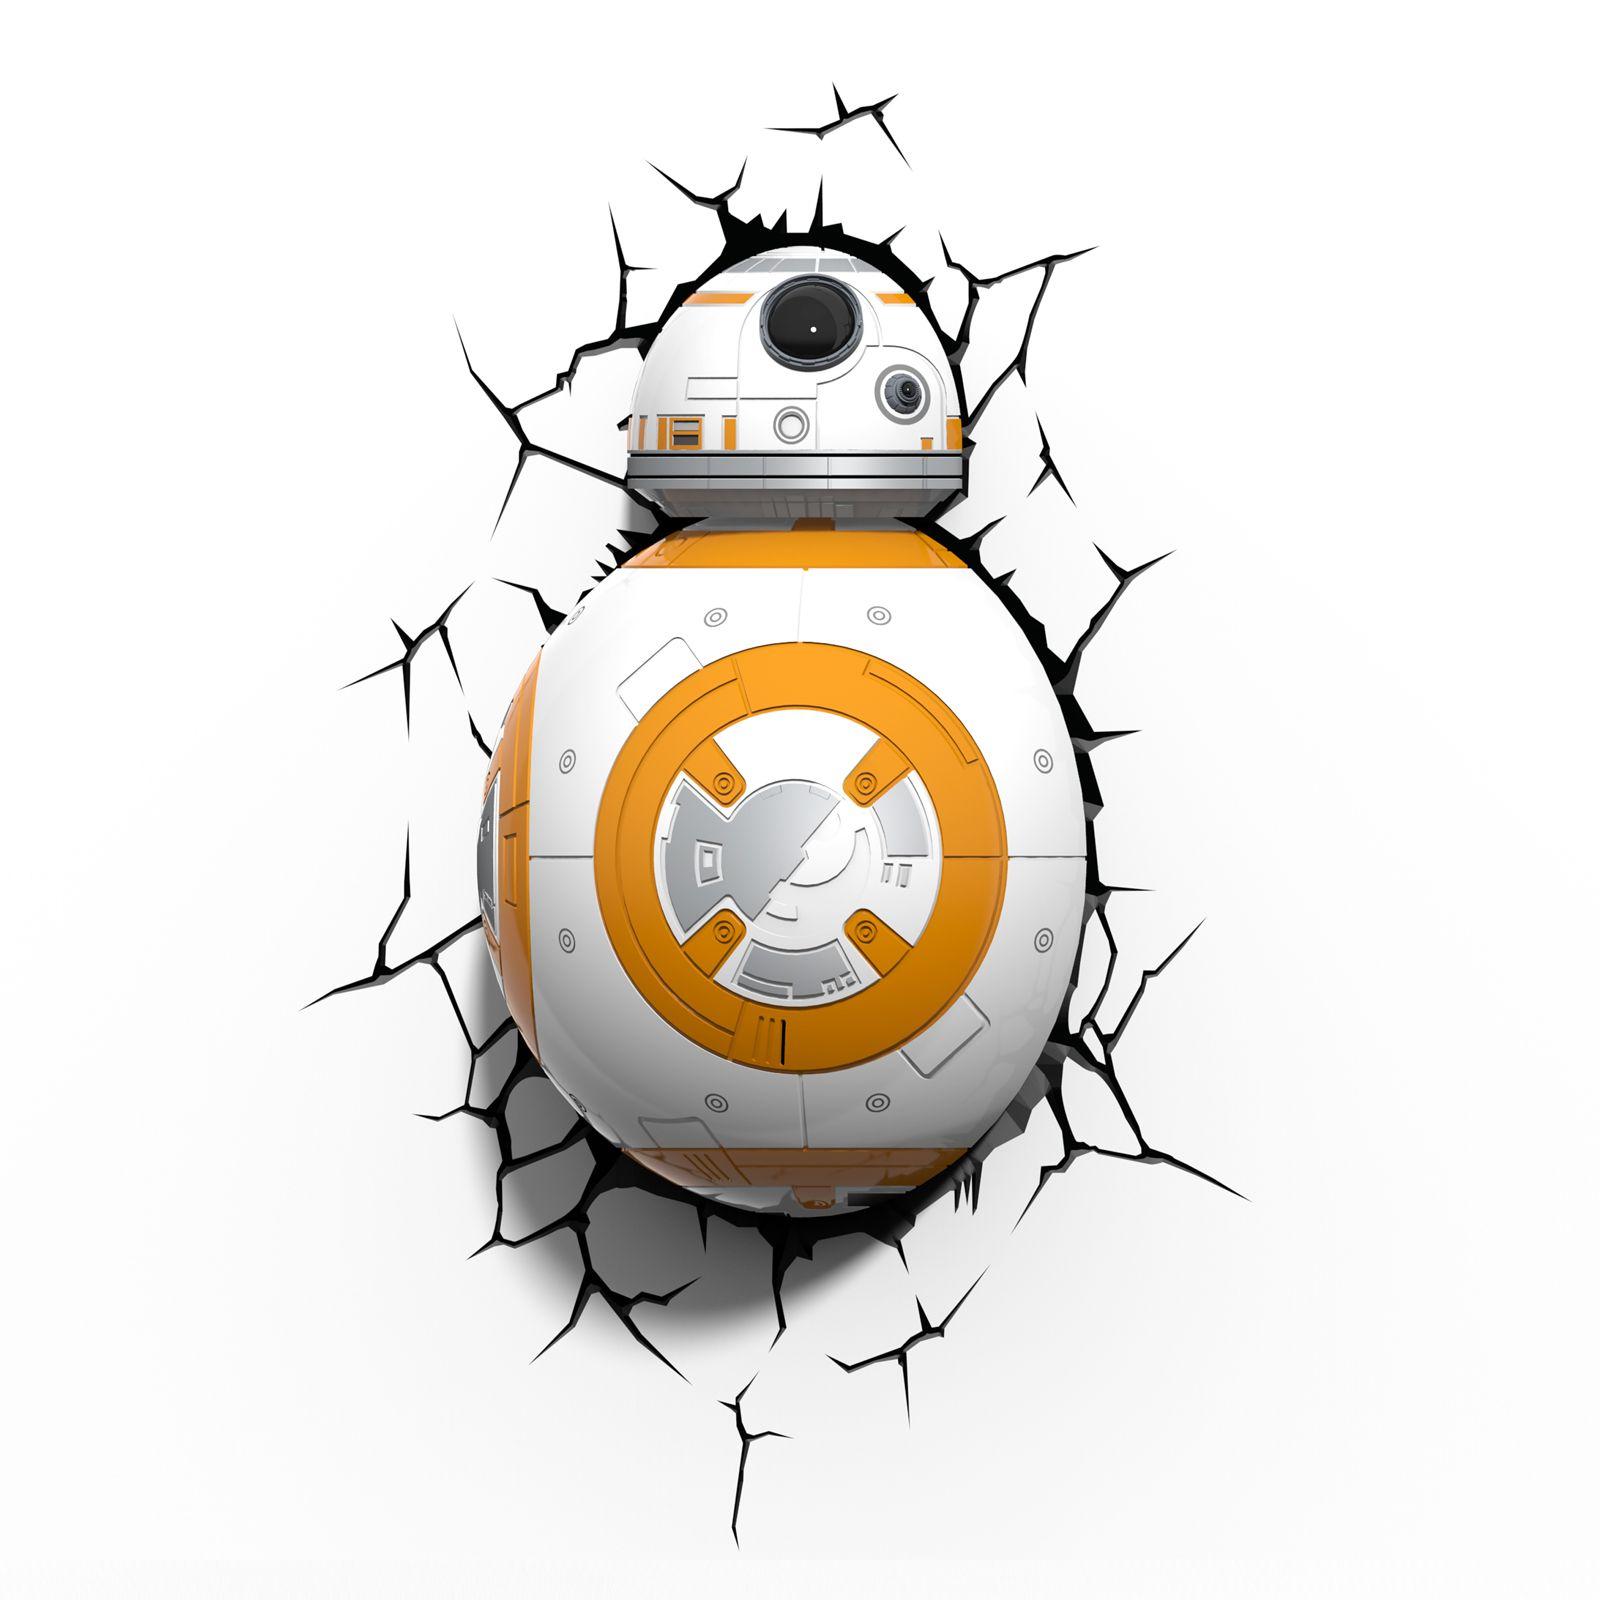 Star wars episode vii 3d wandlichter bb 8 stormtrooper r2 d2 licht saber ebay